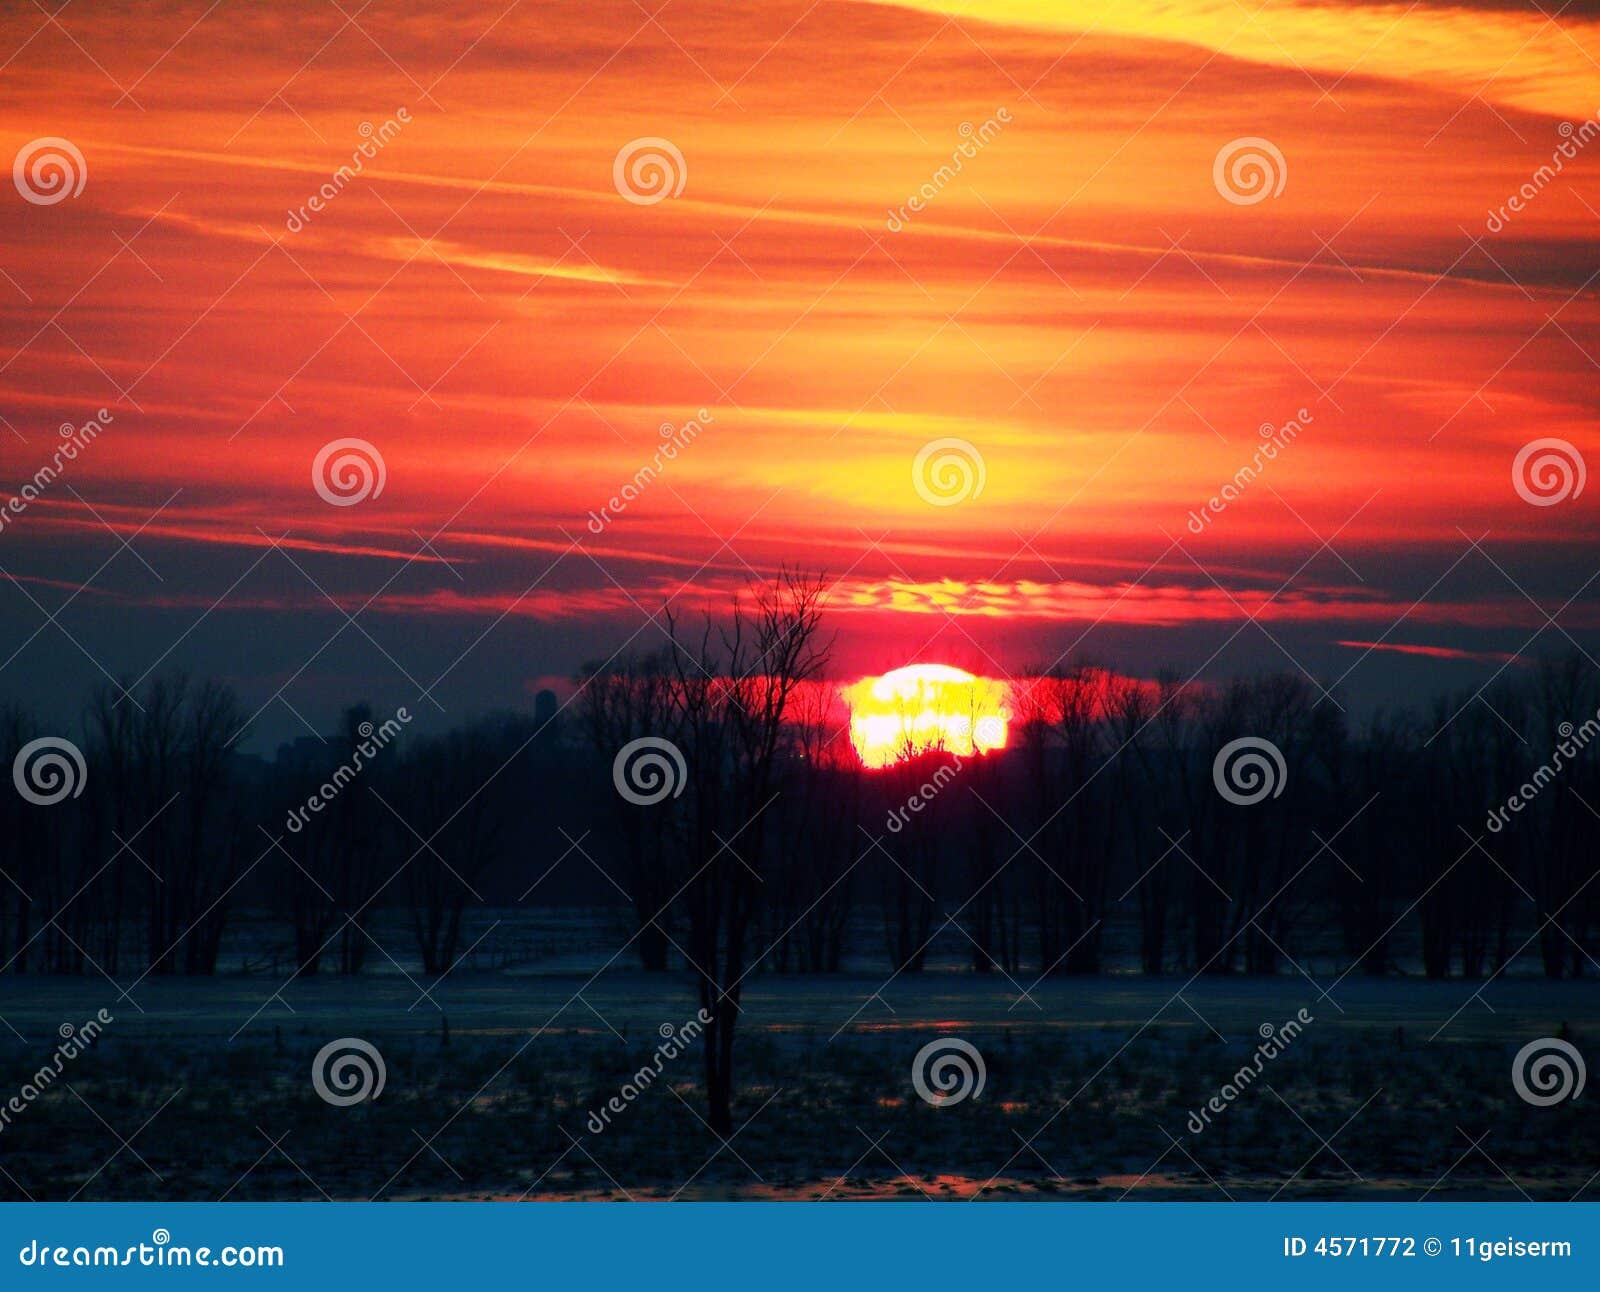 Orange Sunset Stock Photography Image 4571772